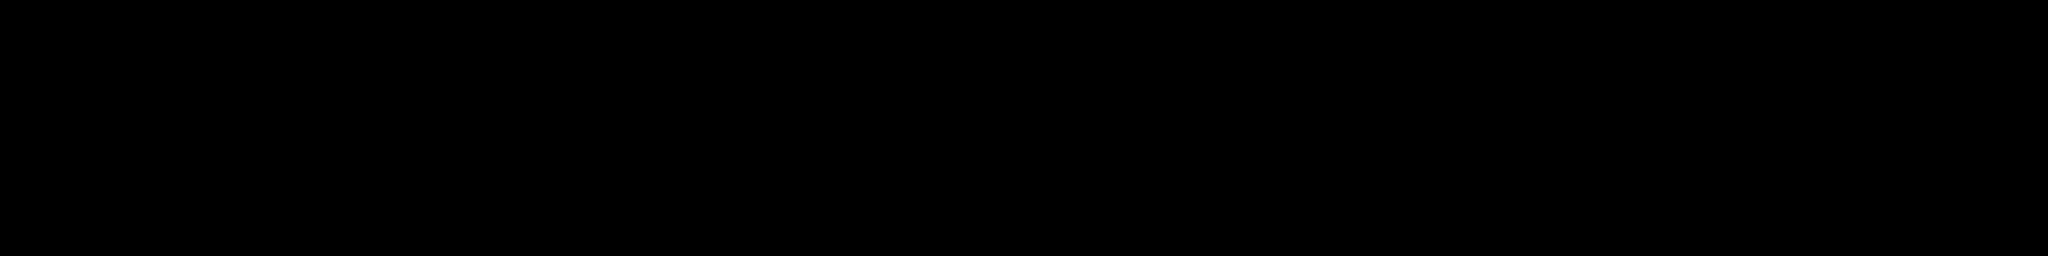 Synaesthesia Press Logo